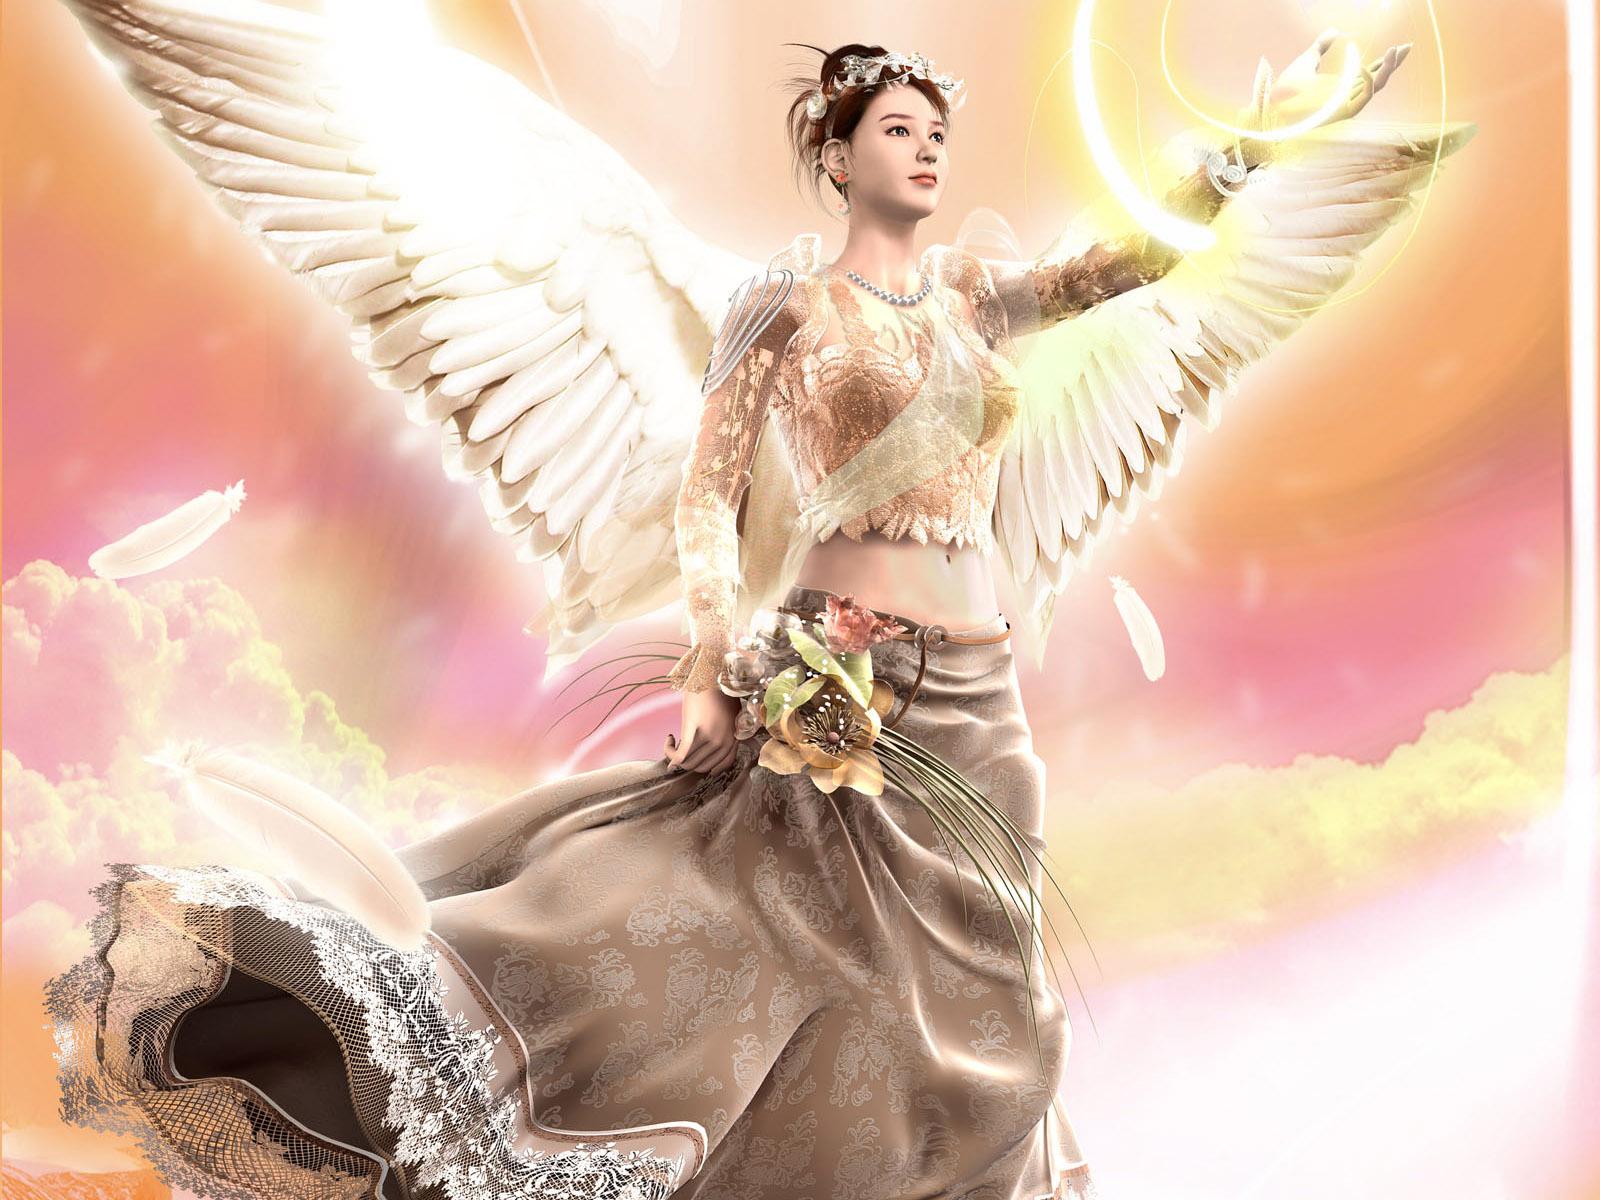 http://4.bp.blogspot.com/-dUZIB0TRDF8/T5_qOpyaNaI/AAAAAAAABdw/pwBs0iHulnk/s1600/beautiful%2520angel%2520wallpaper.jpg